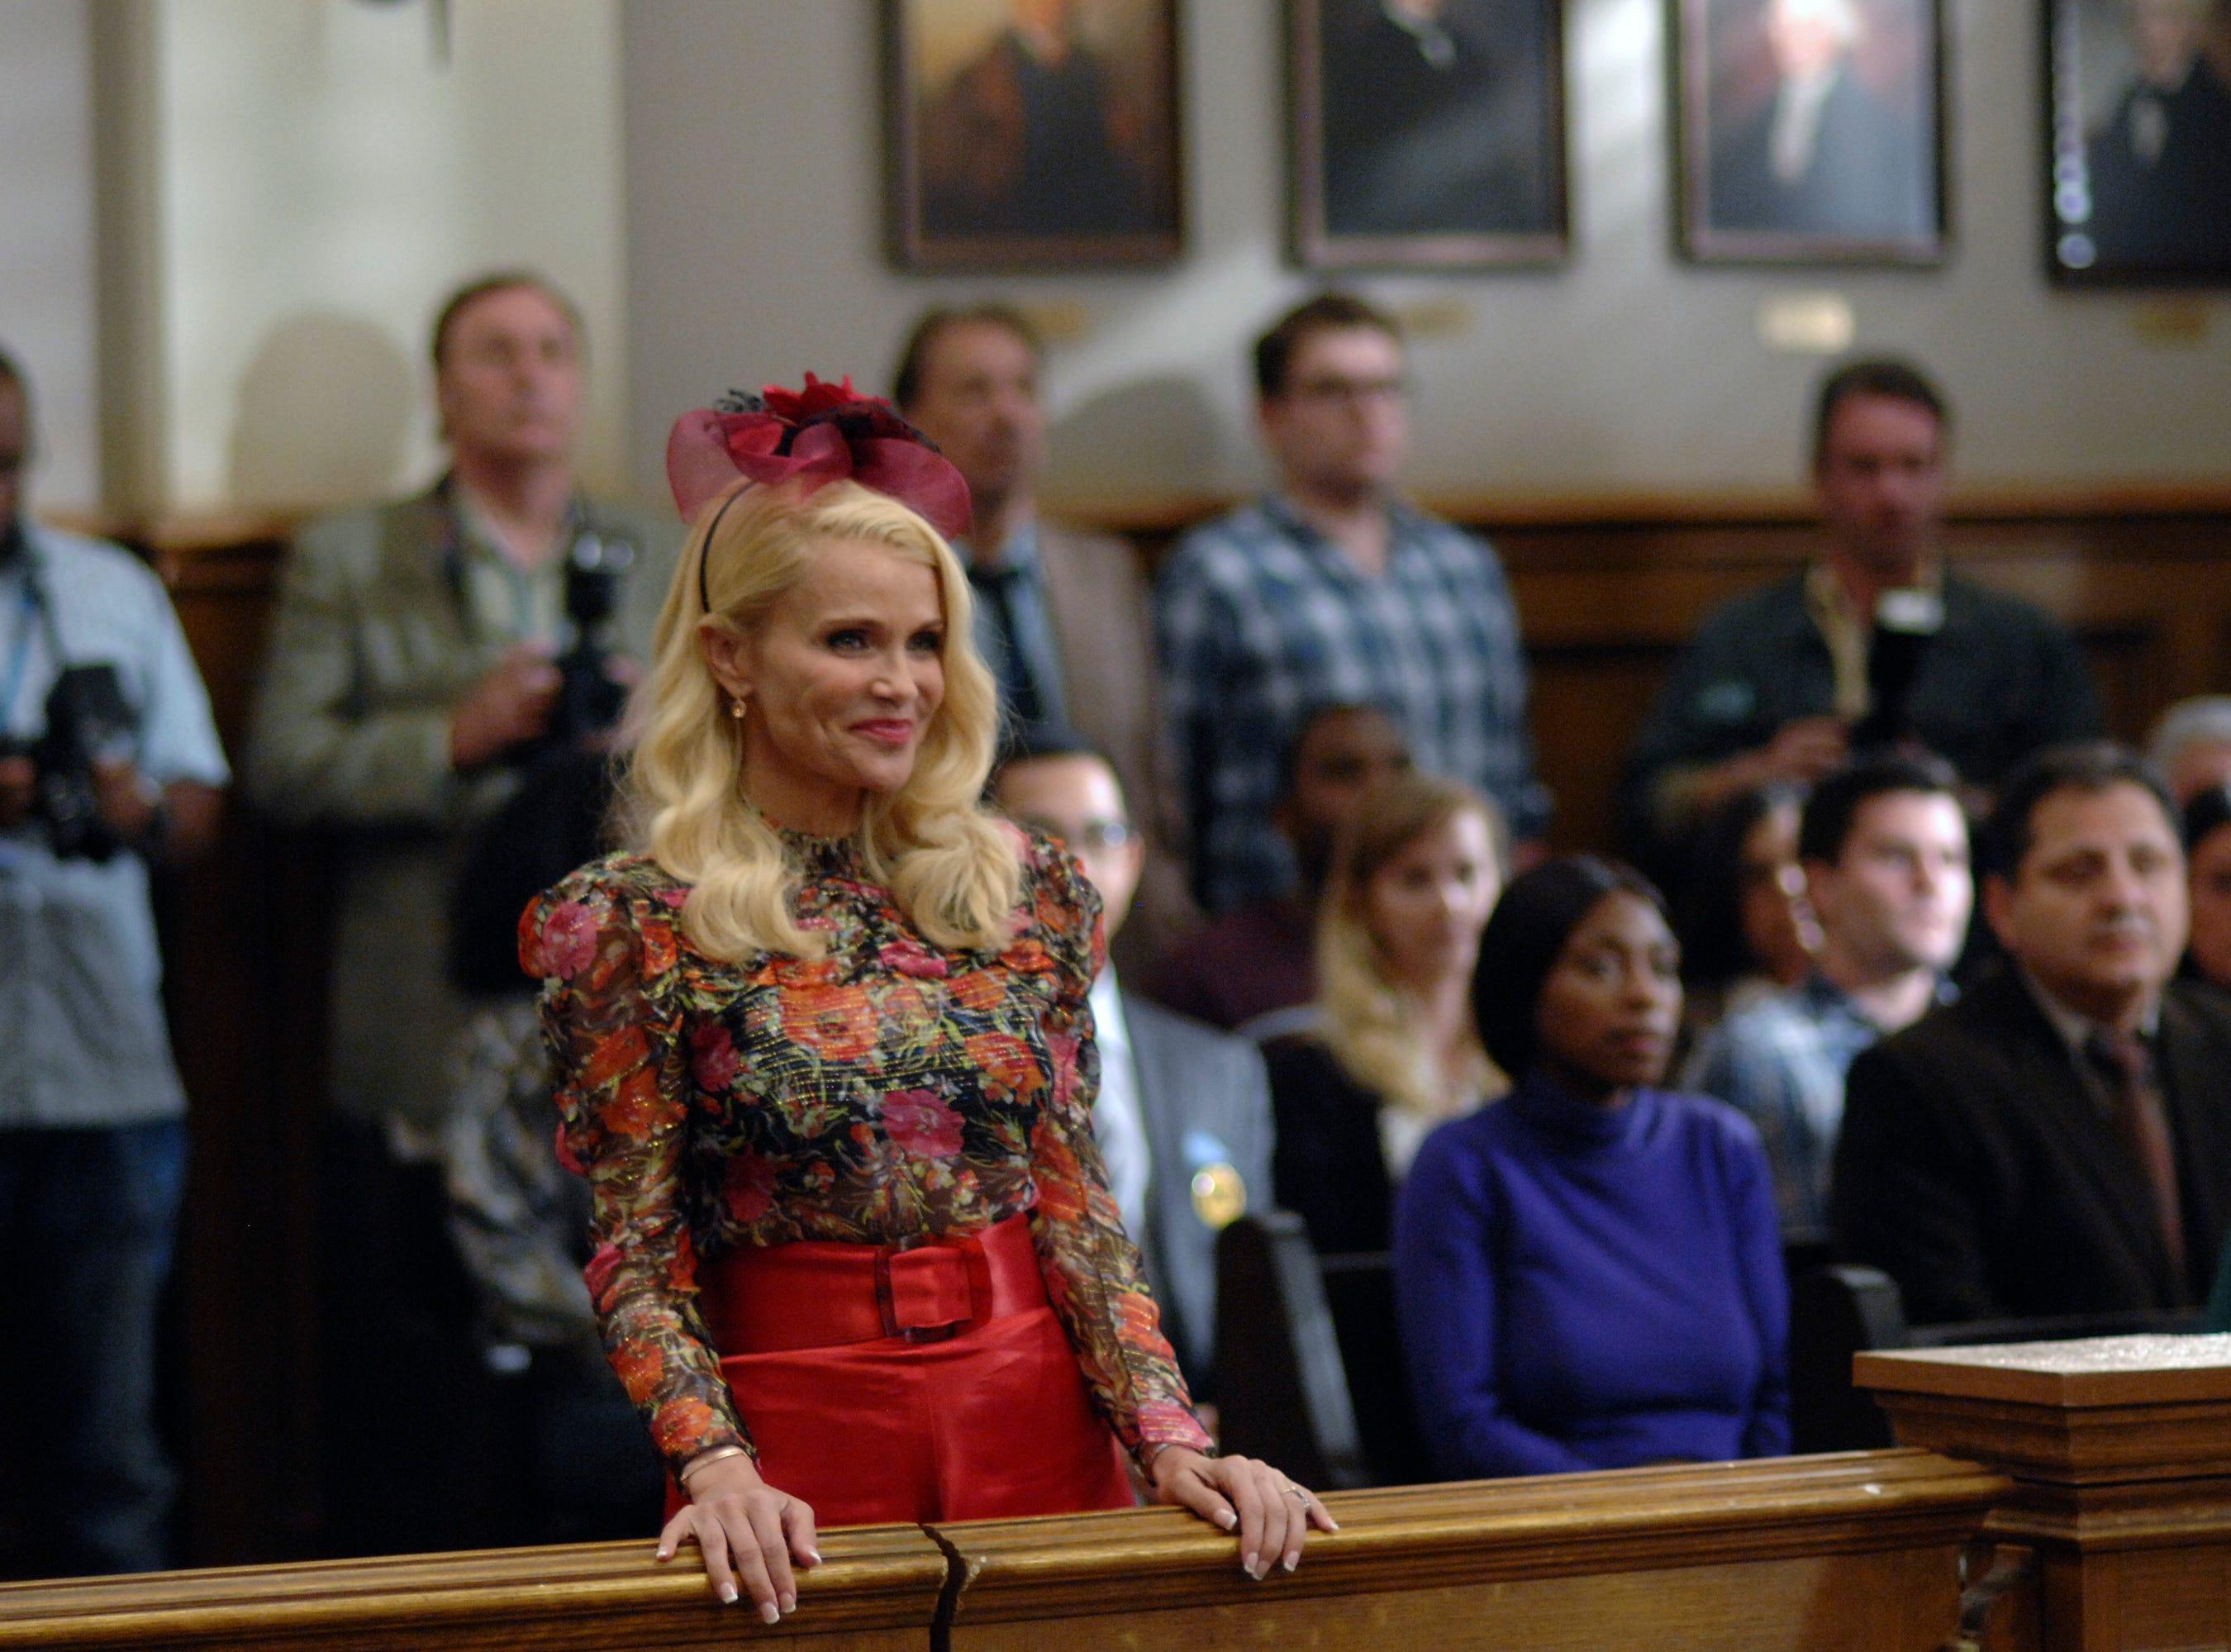 """Kristin Chenoweth starred in the NBC comedy series """"Trial & Error: Lady, Killer."""""""